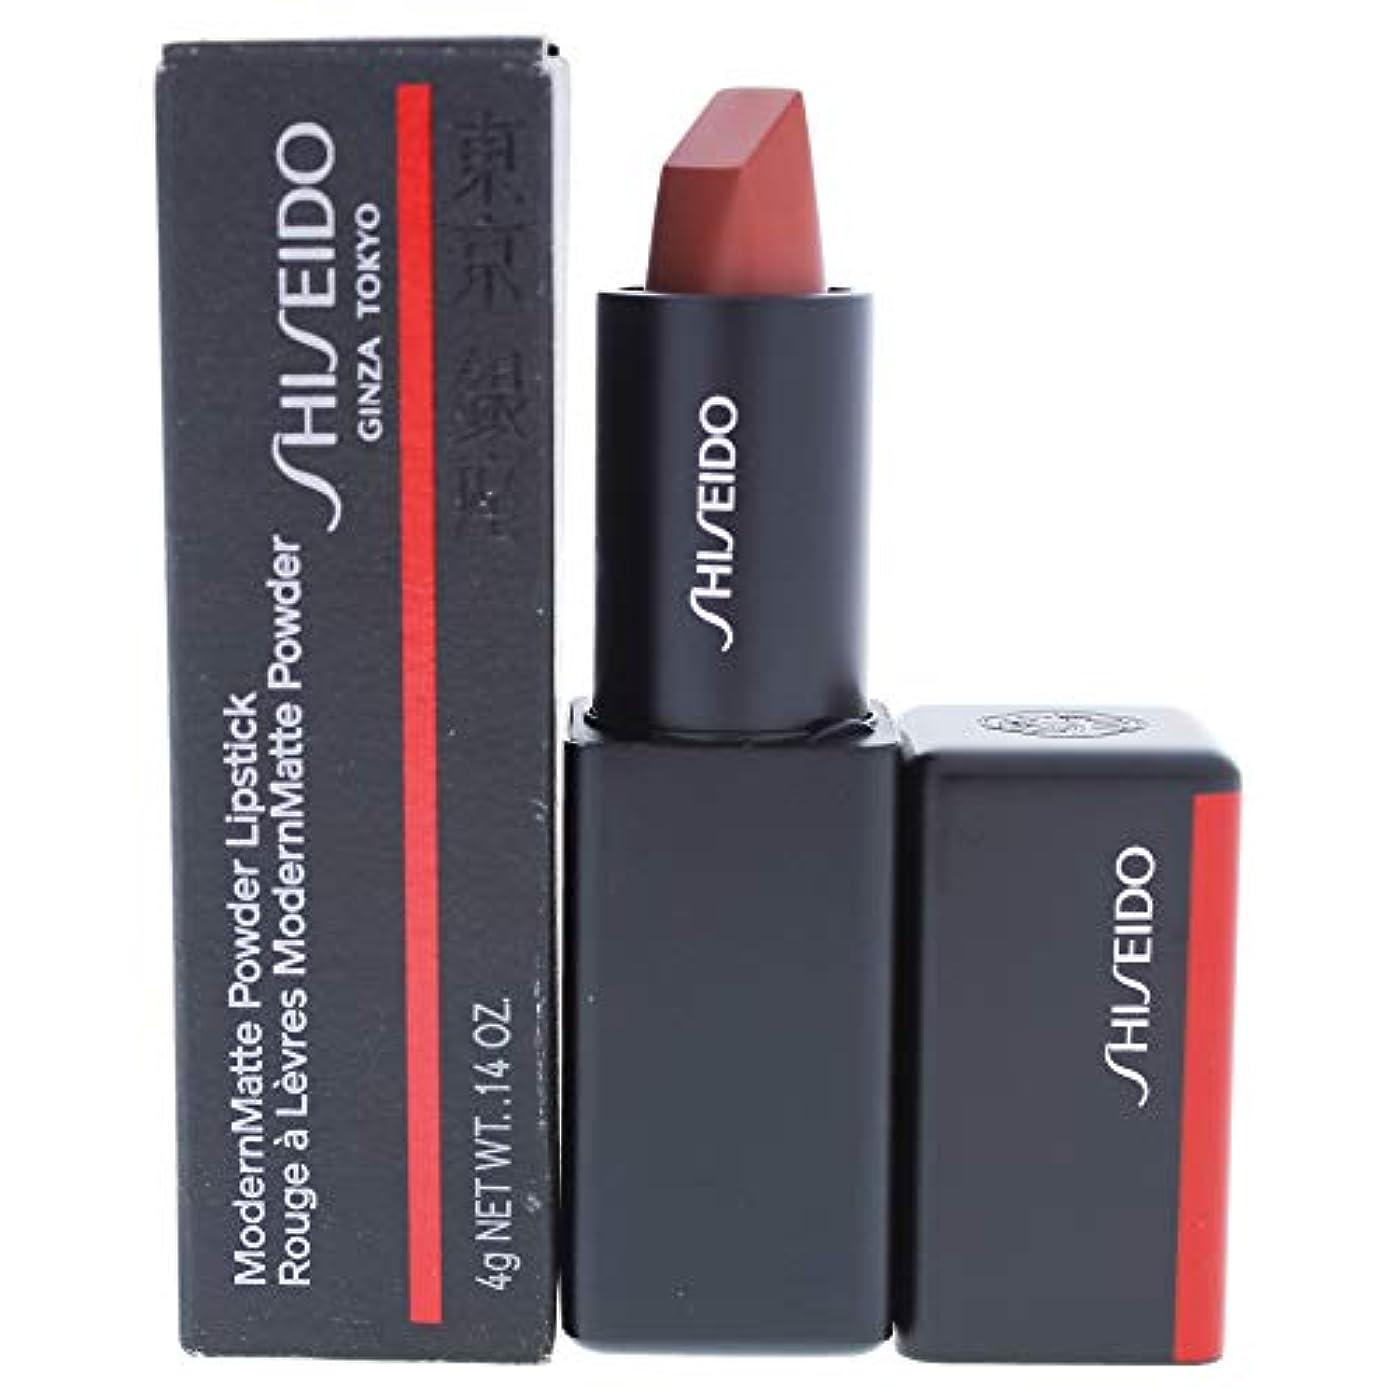 文明化する長老鯨資生堂 ModernMatte Powder Lipstick - # 508 Semi Nude (Cinnamon) 4g/0.14oz並行輸入品